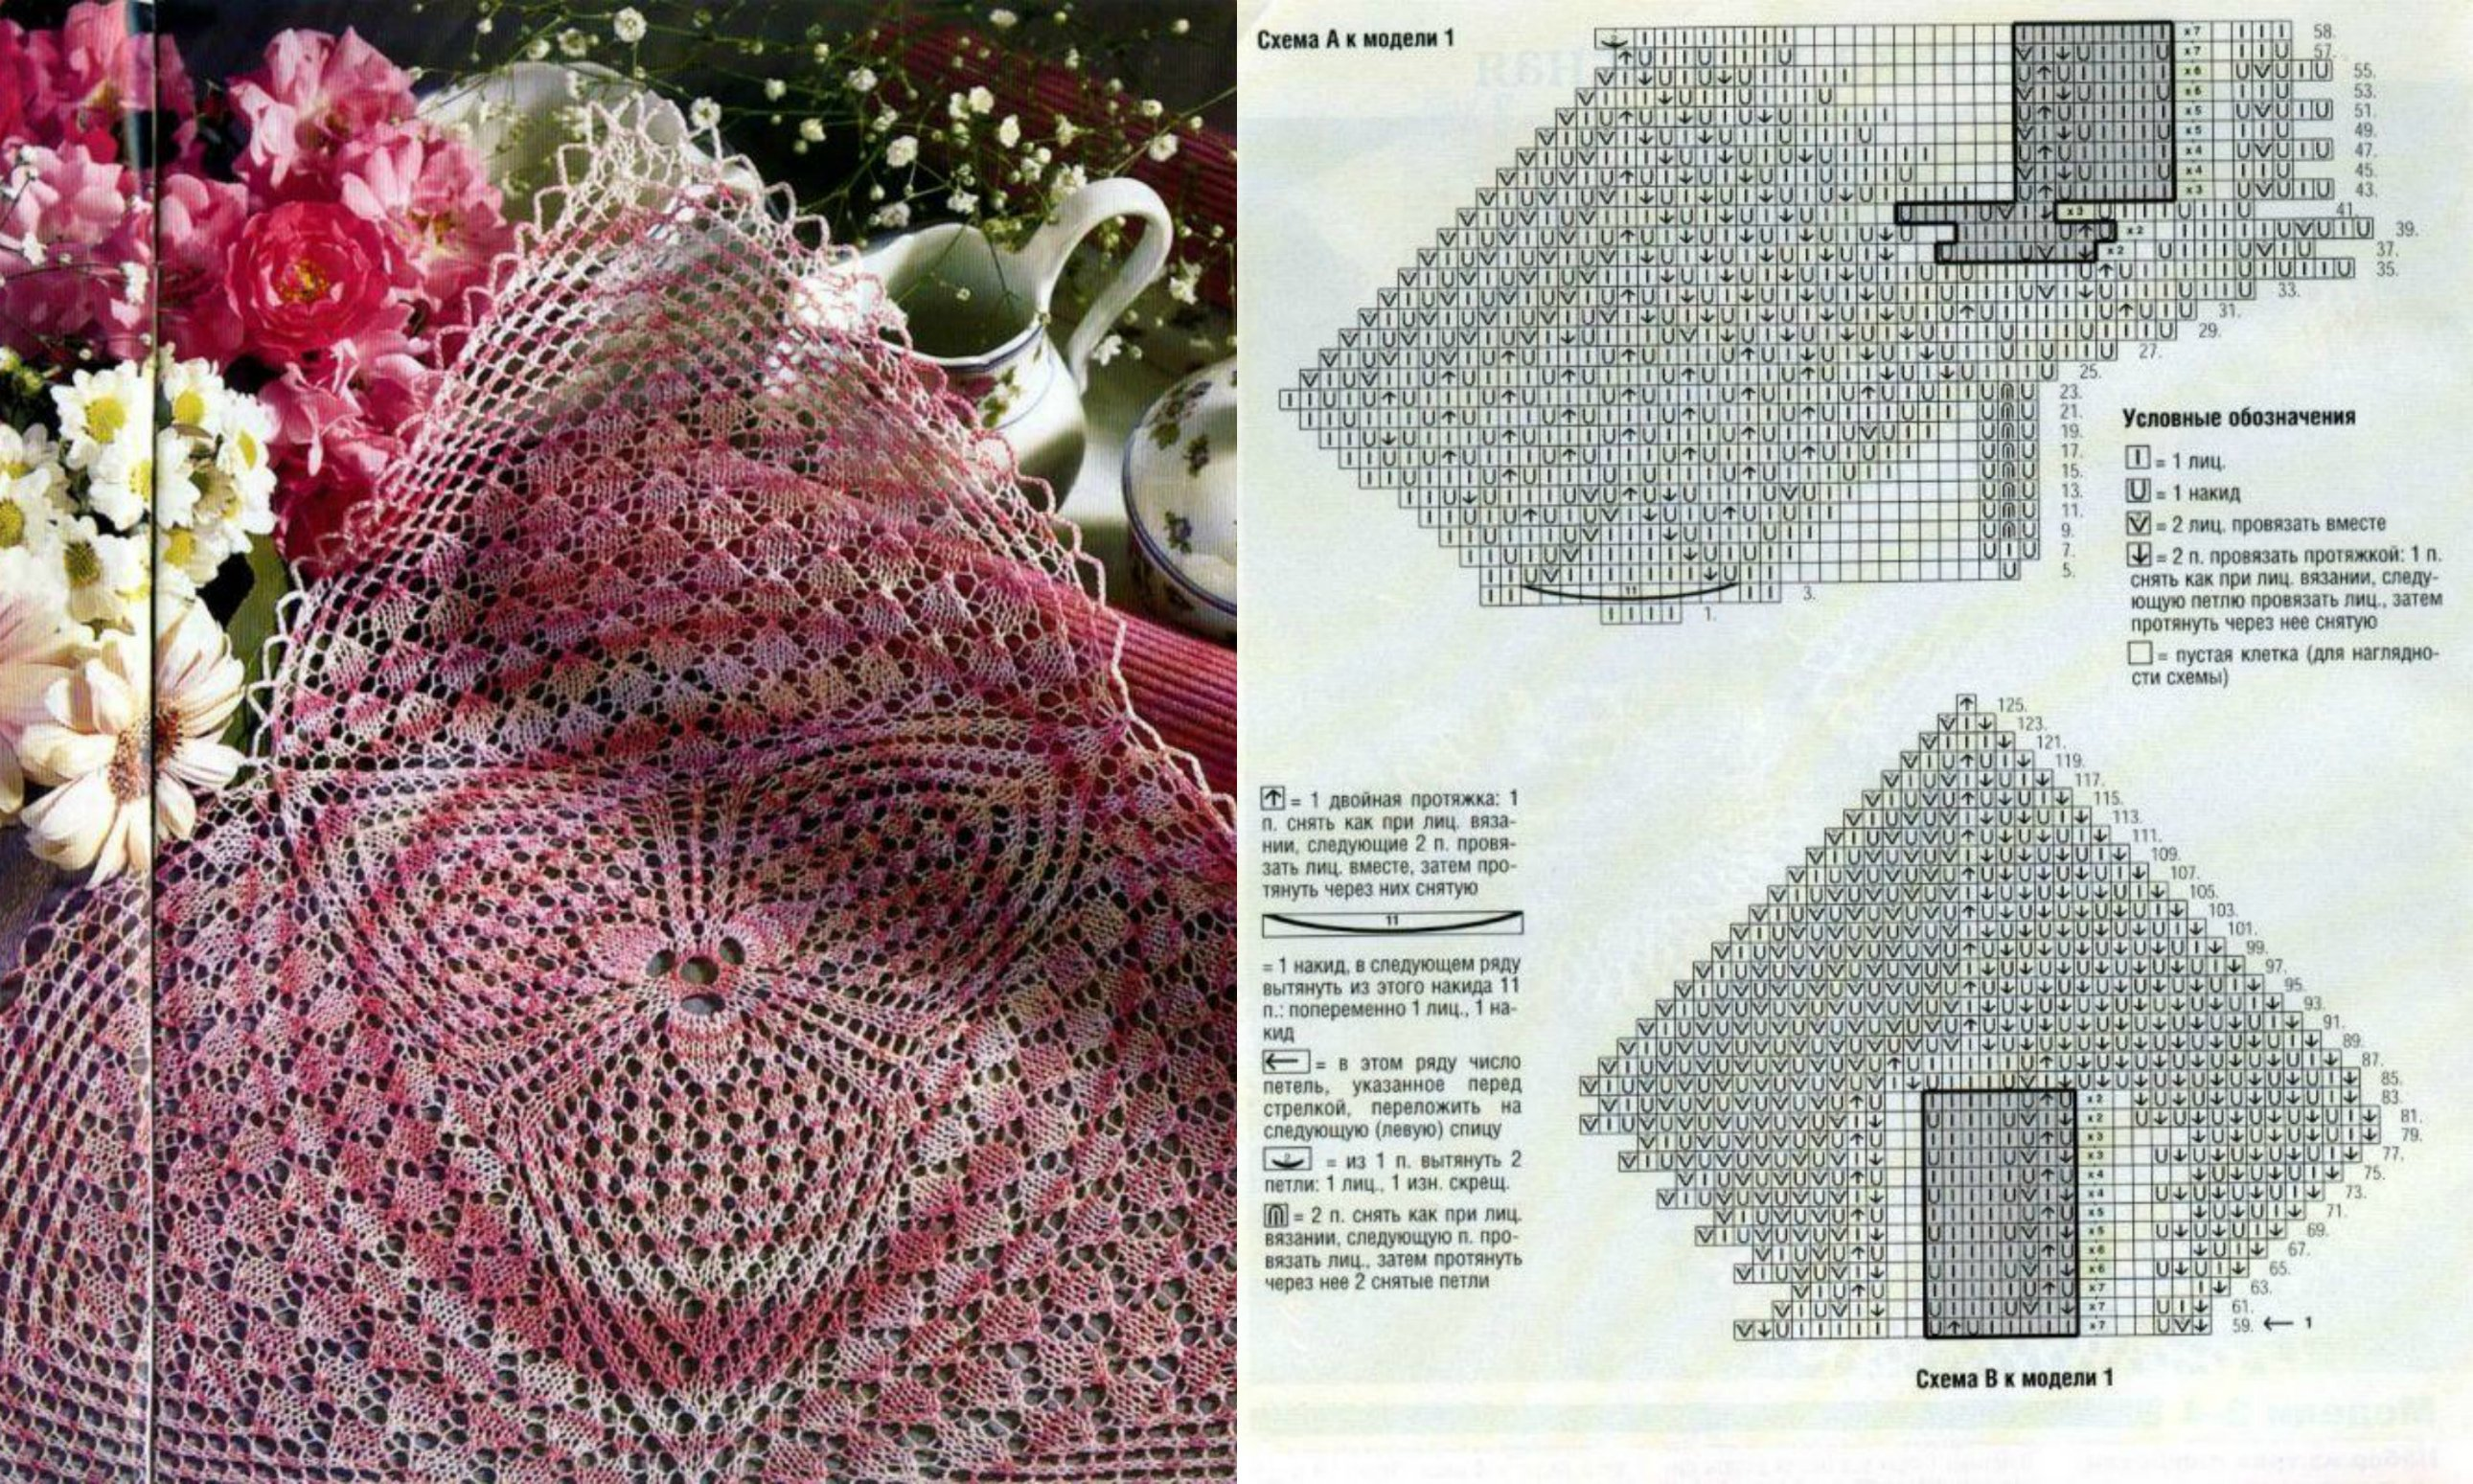 Серветки спицями: створення простої скатертини і ажурних хусток для початківців